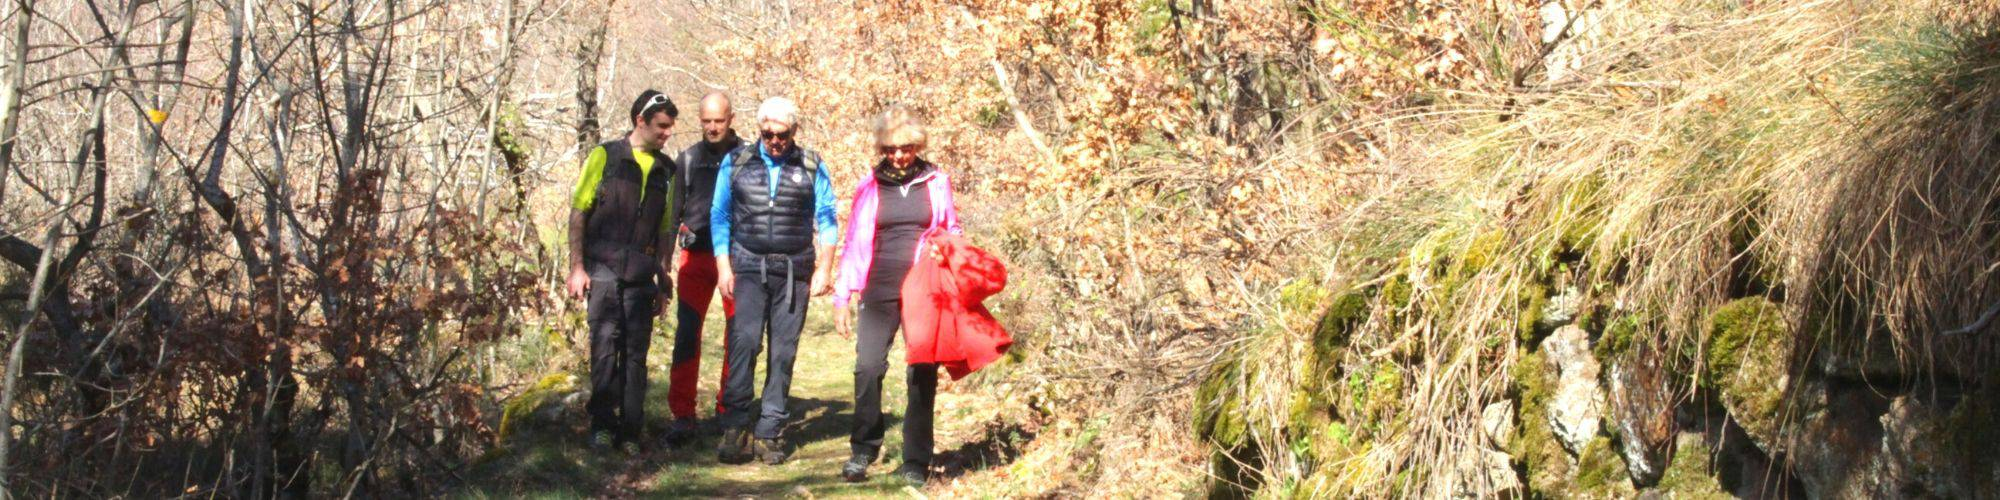 randonnée en Ardèche Verte